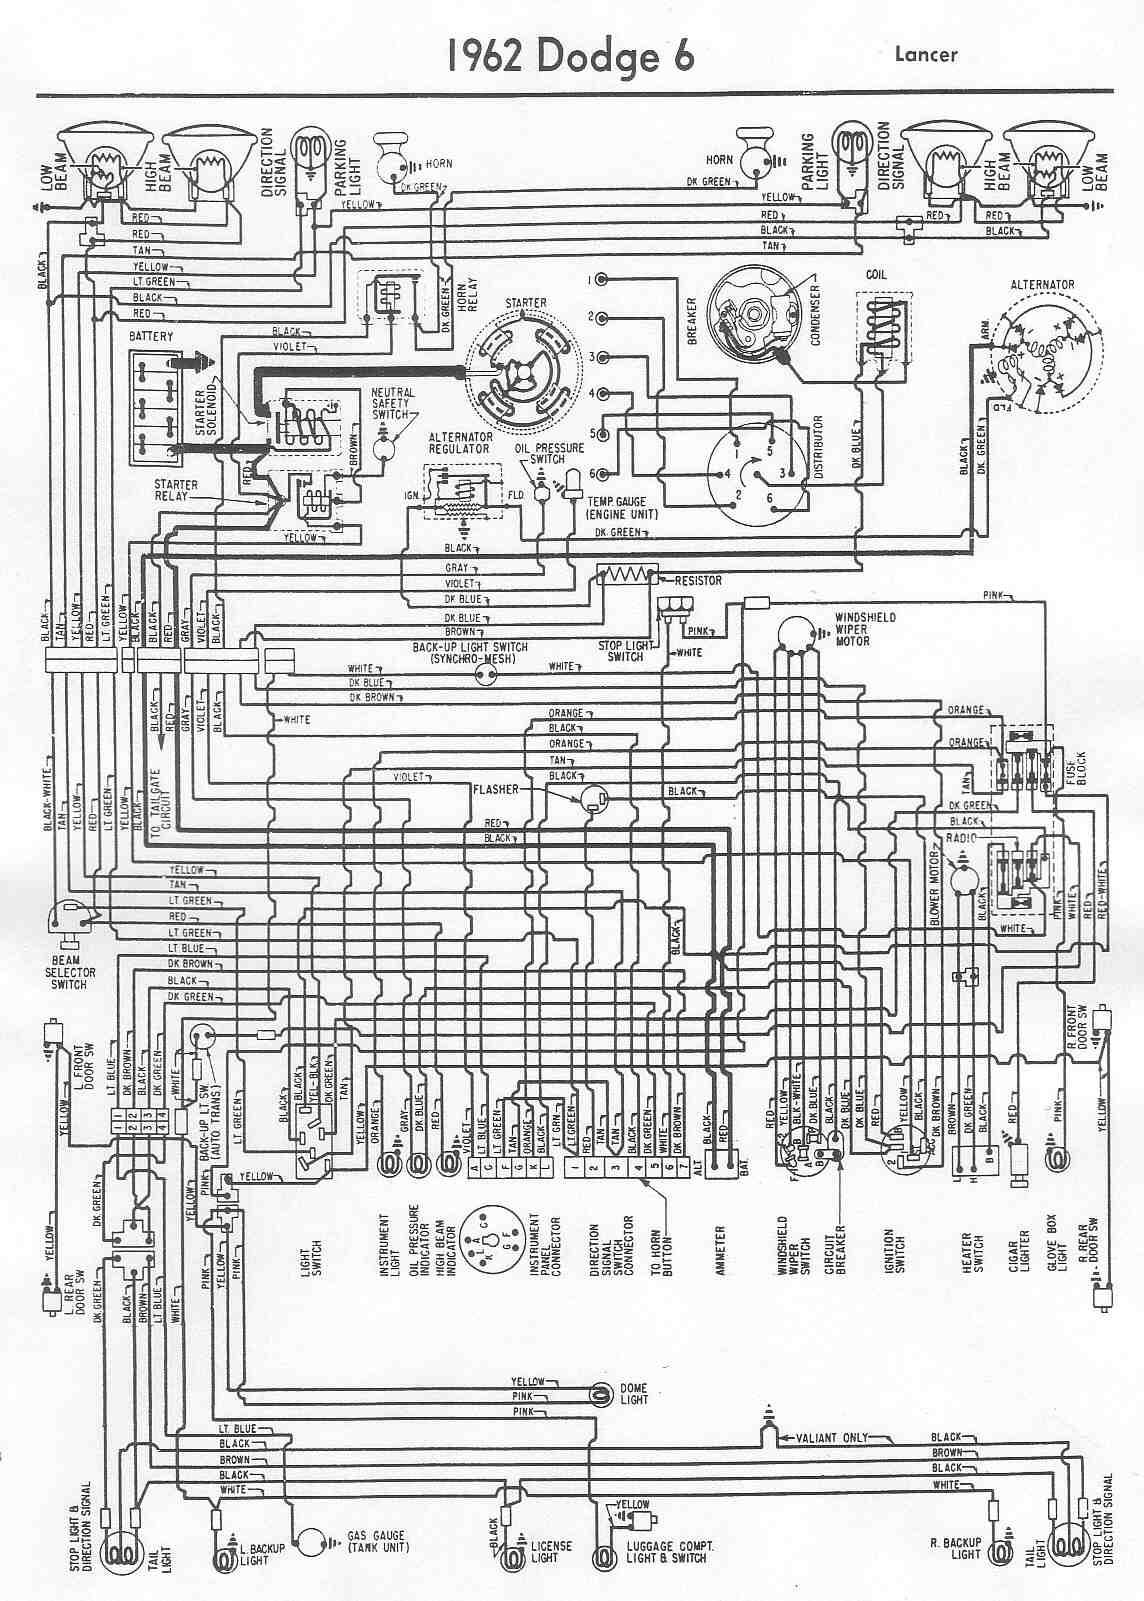 dodge car manuals wiring diagrams pdf fault codes [ 1144 x 1601 Pixel ]